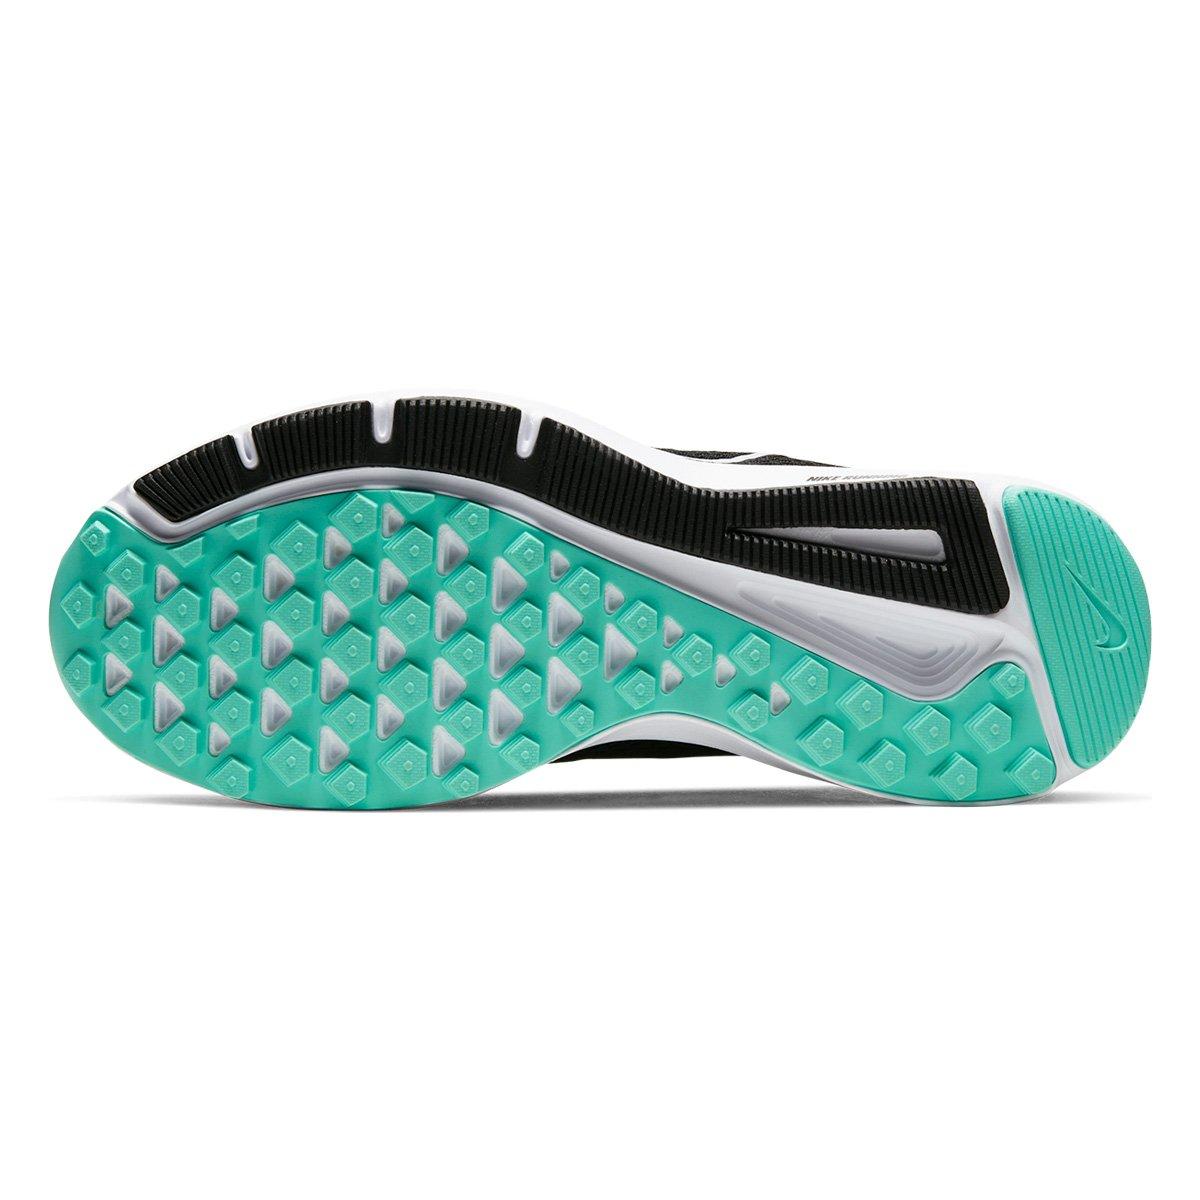 Tenis Nike Quest 2 Feminino